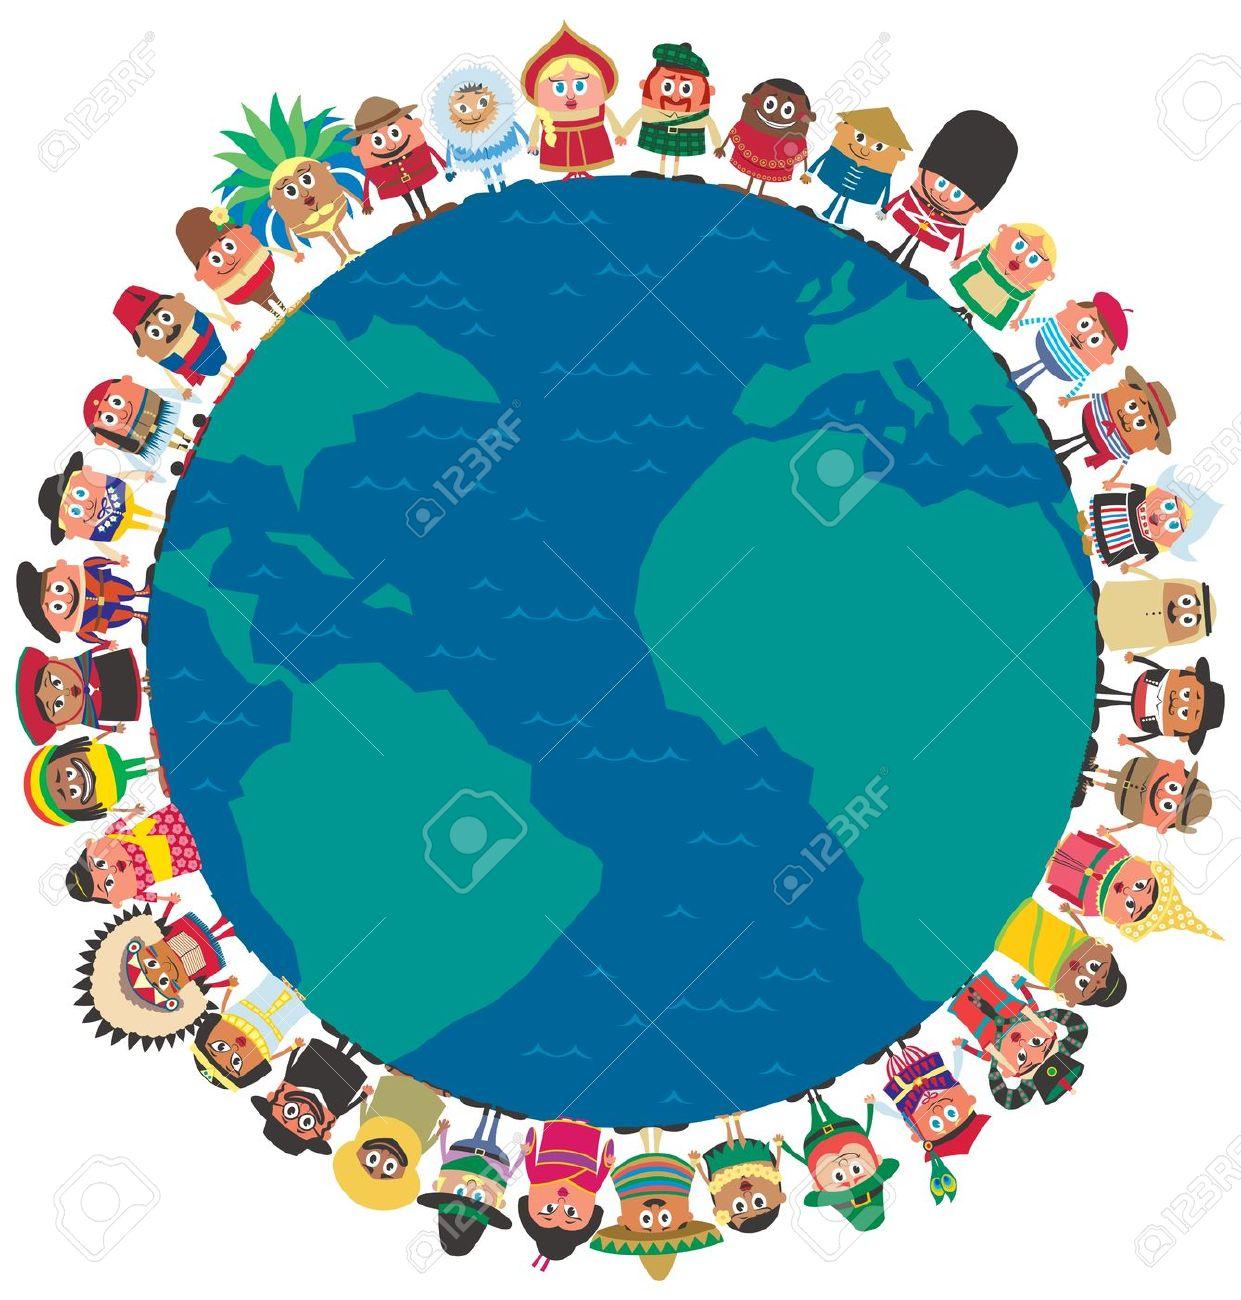 Menschen Aus Der Ganzen Welt, Die Hände Als Symbol Der Einheit.